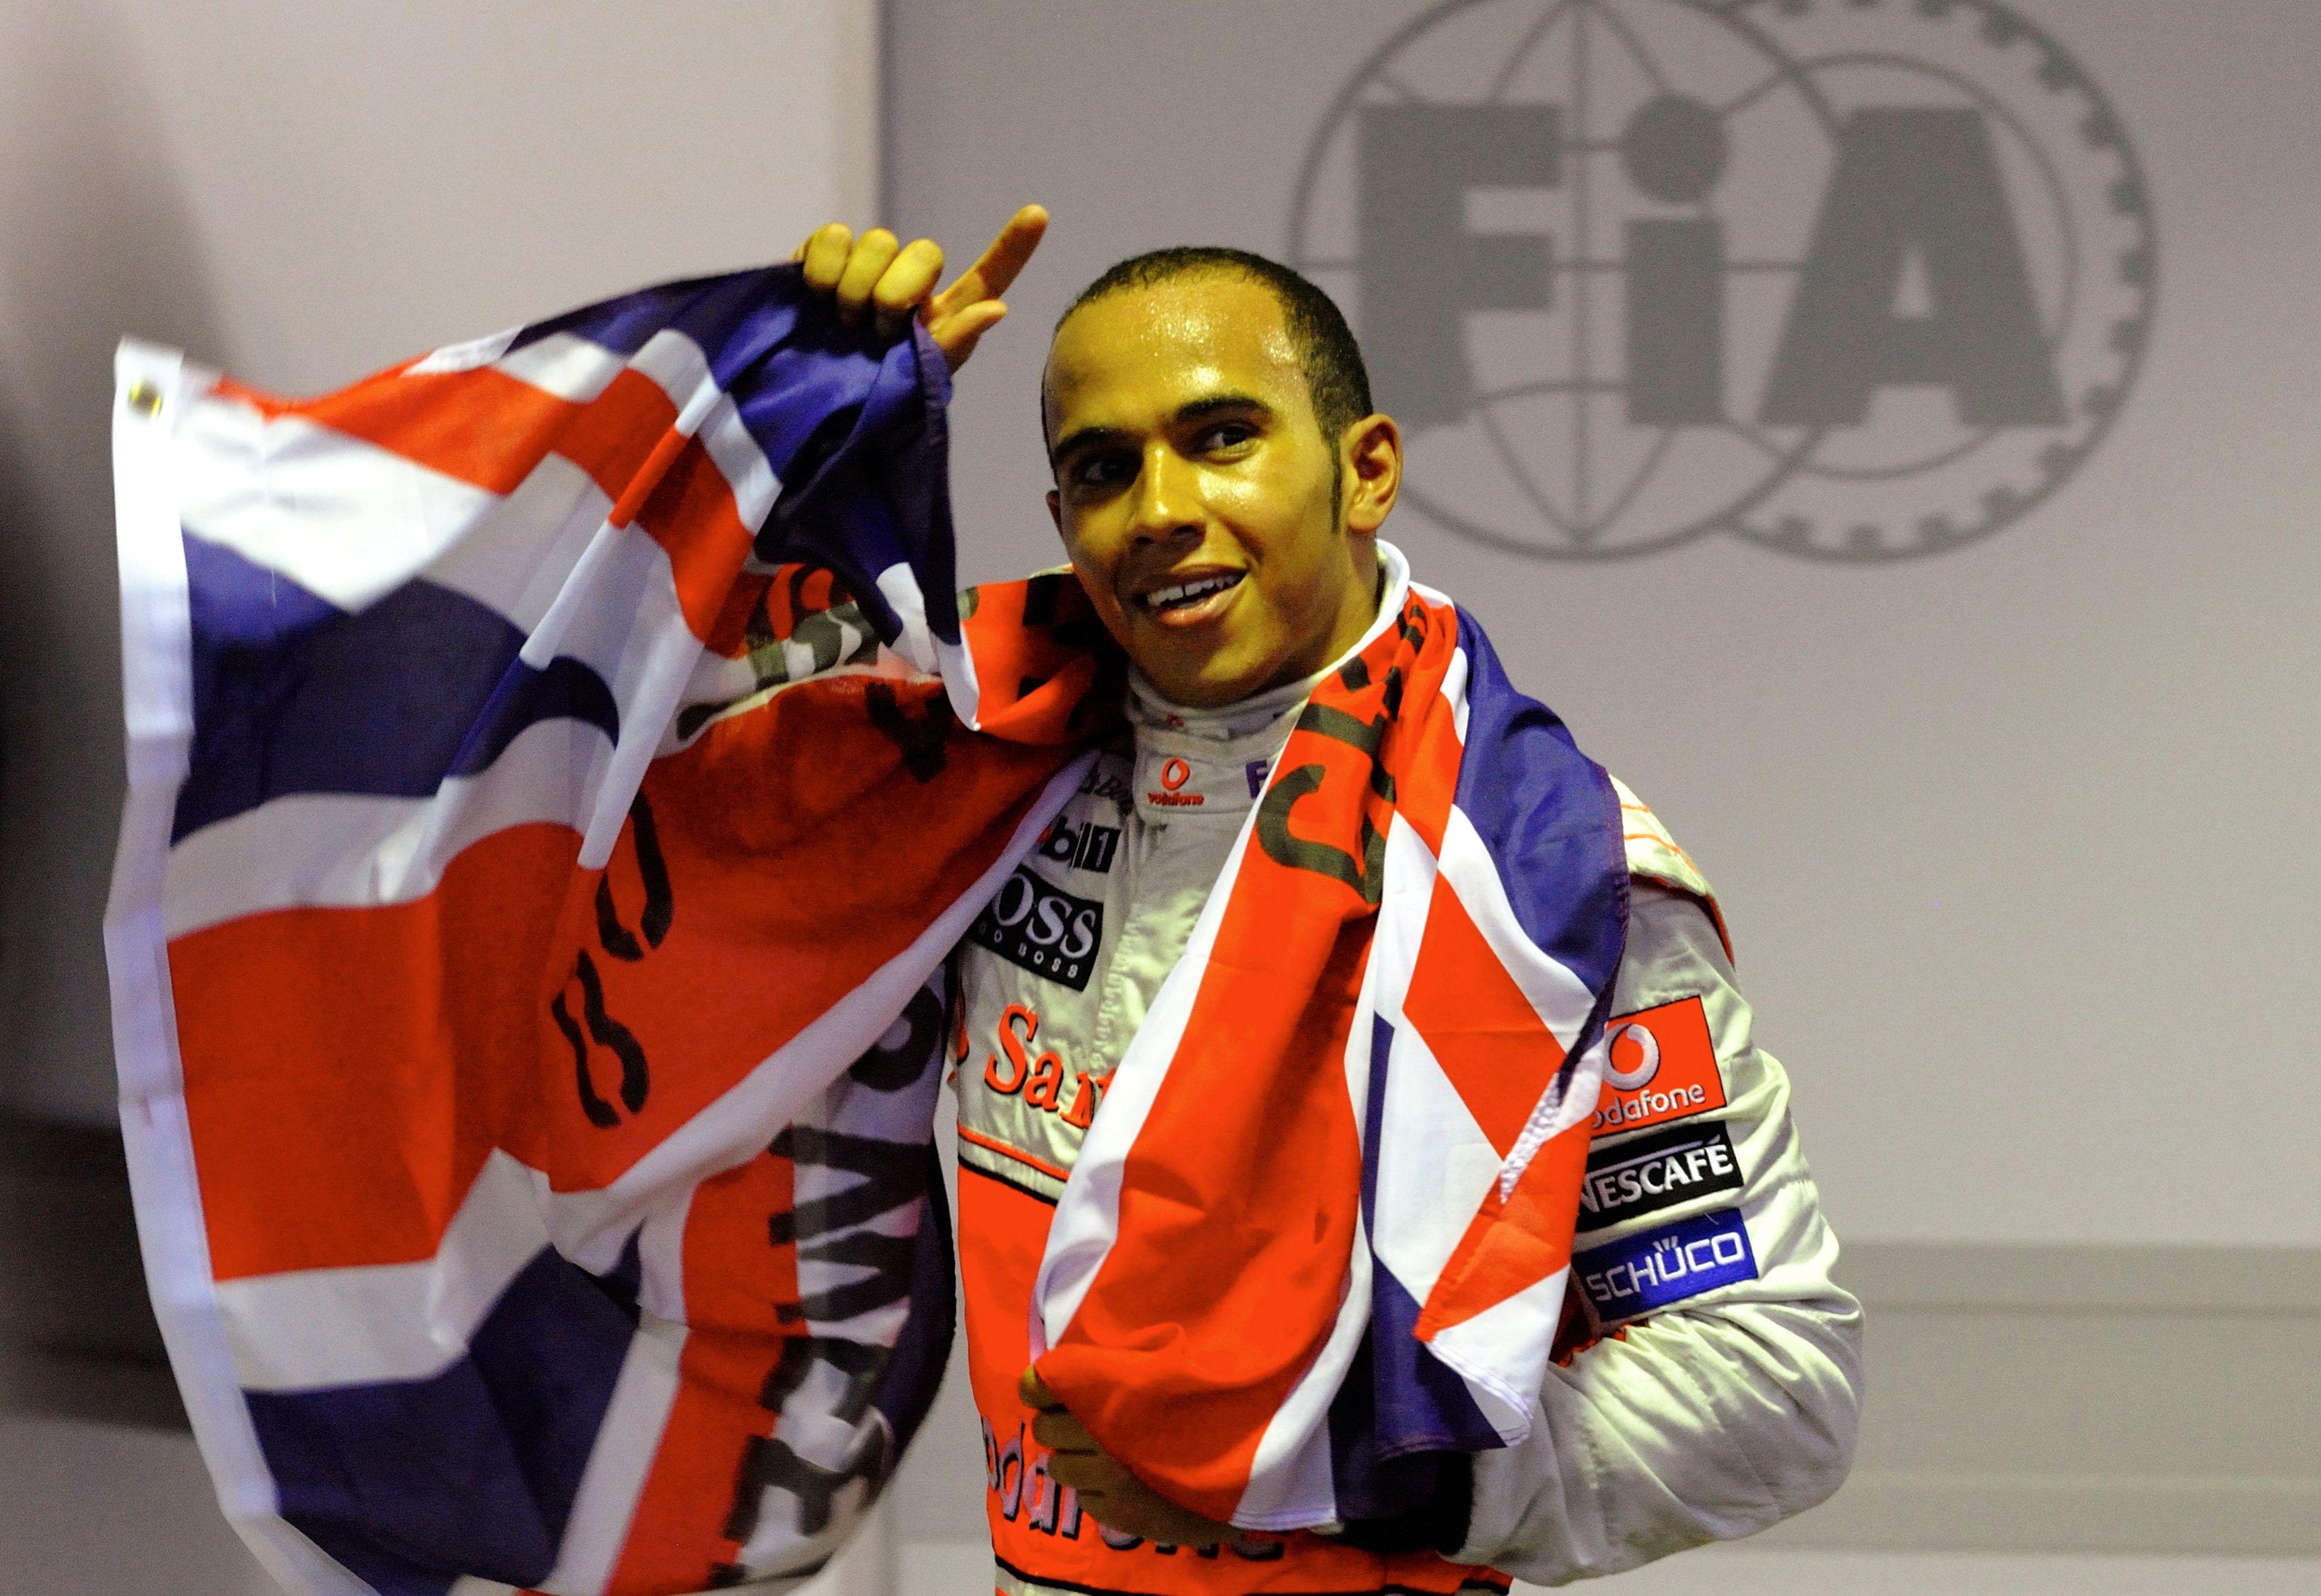 Hamilton inició su carrera en la Fórmula 1 compitiendo para McLaren (Foto: Reuters)